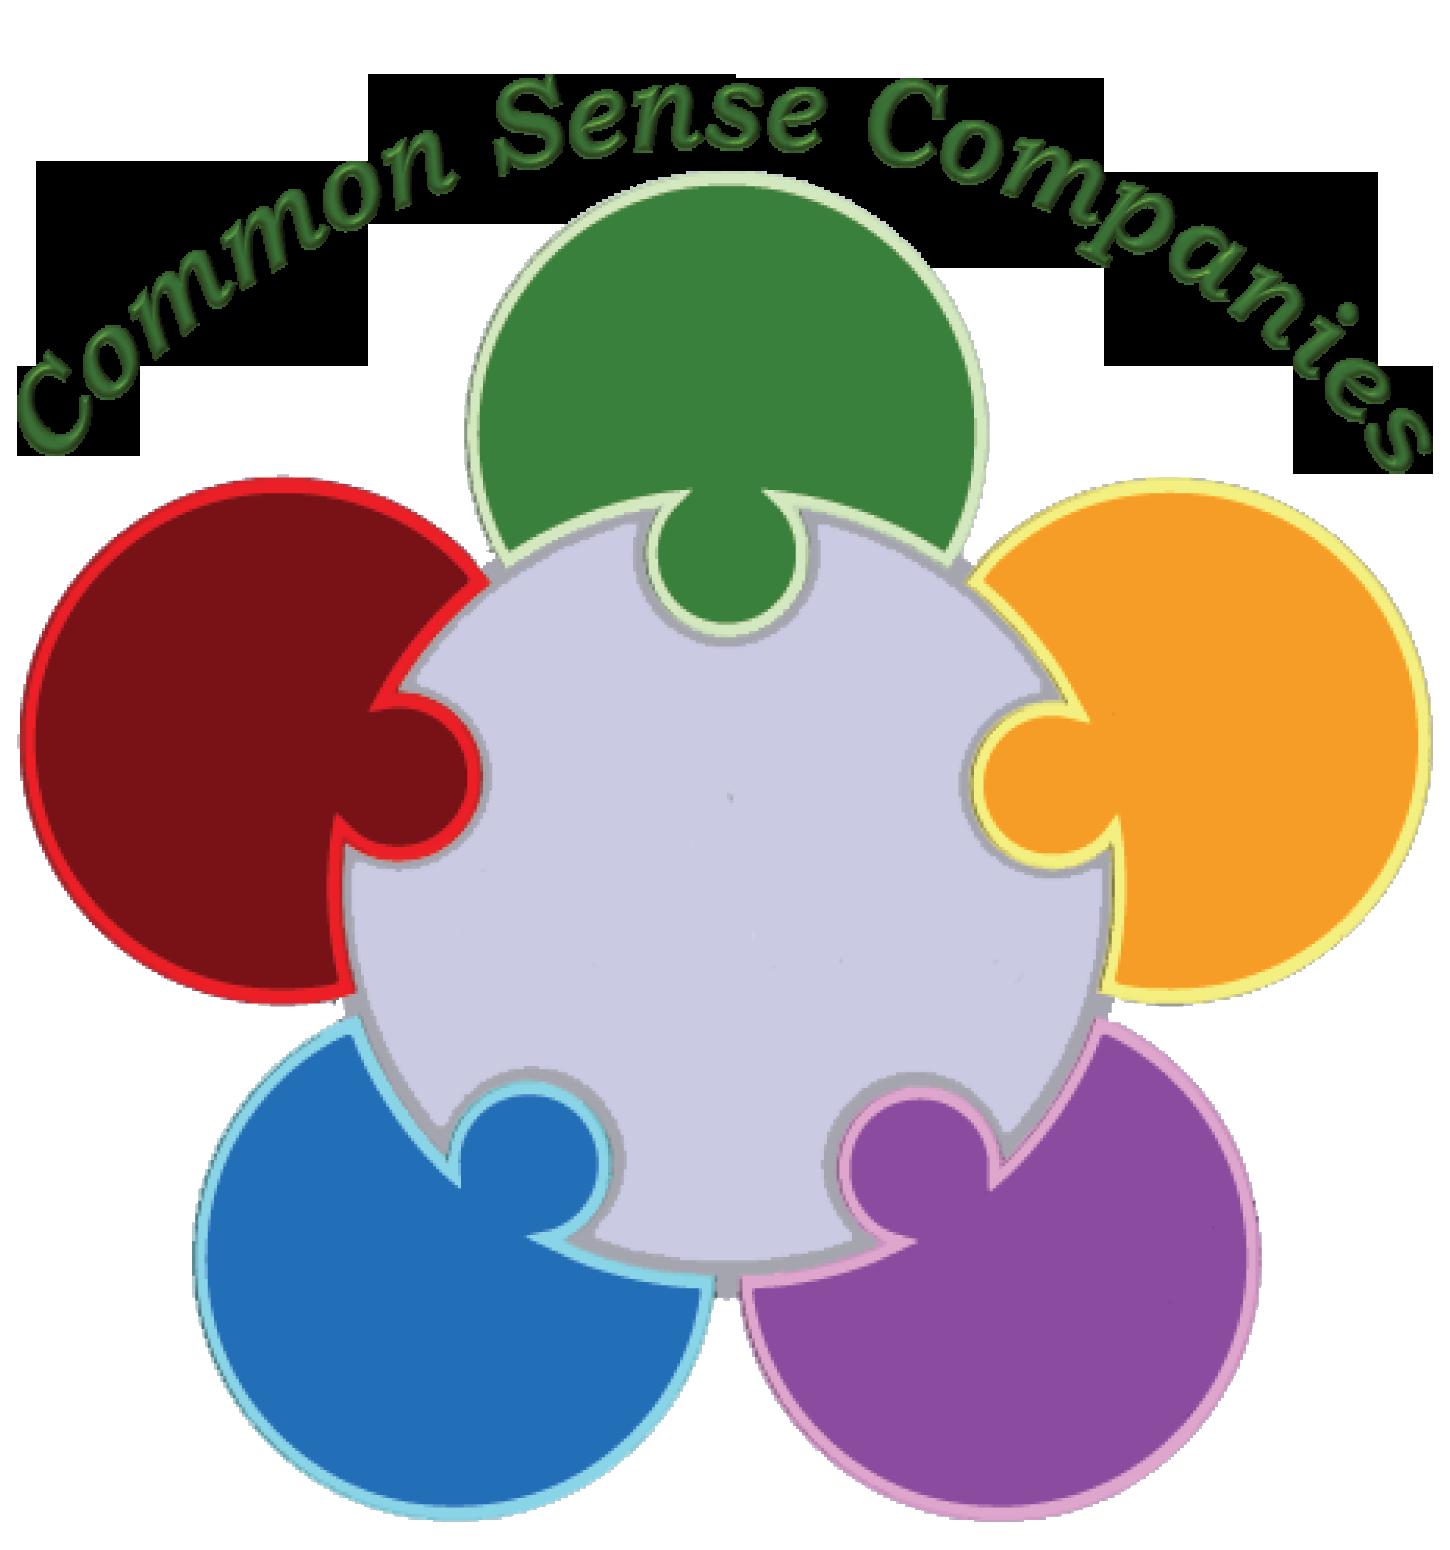 Common Sense Companies